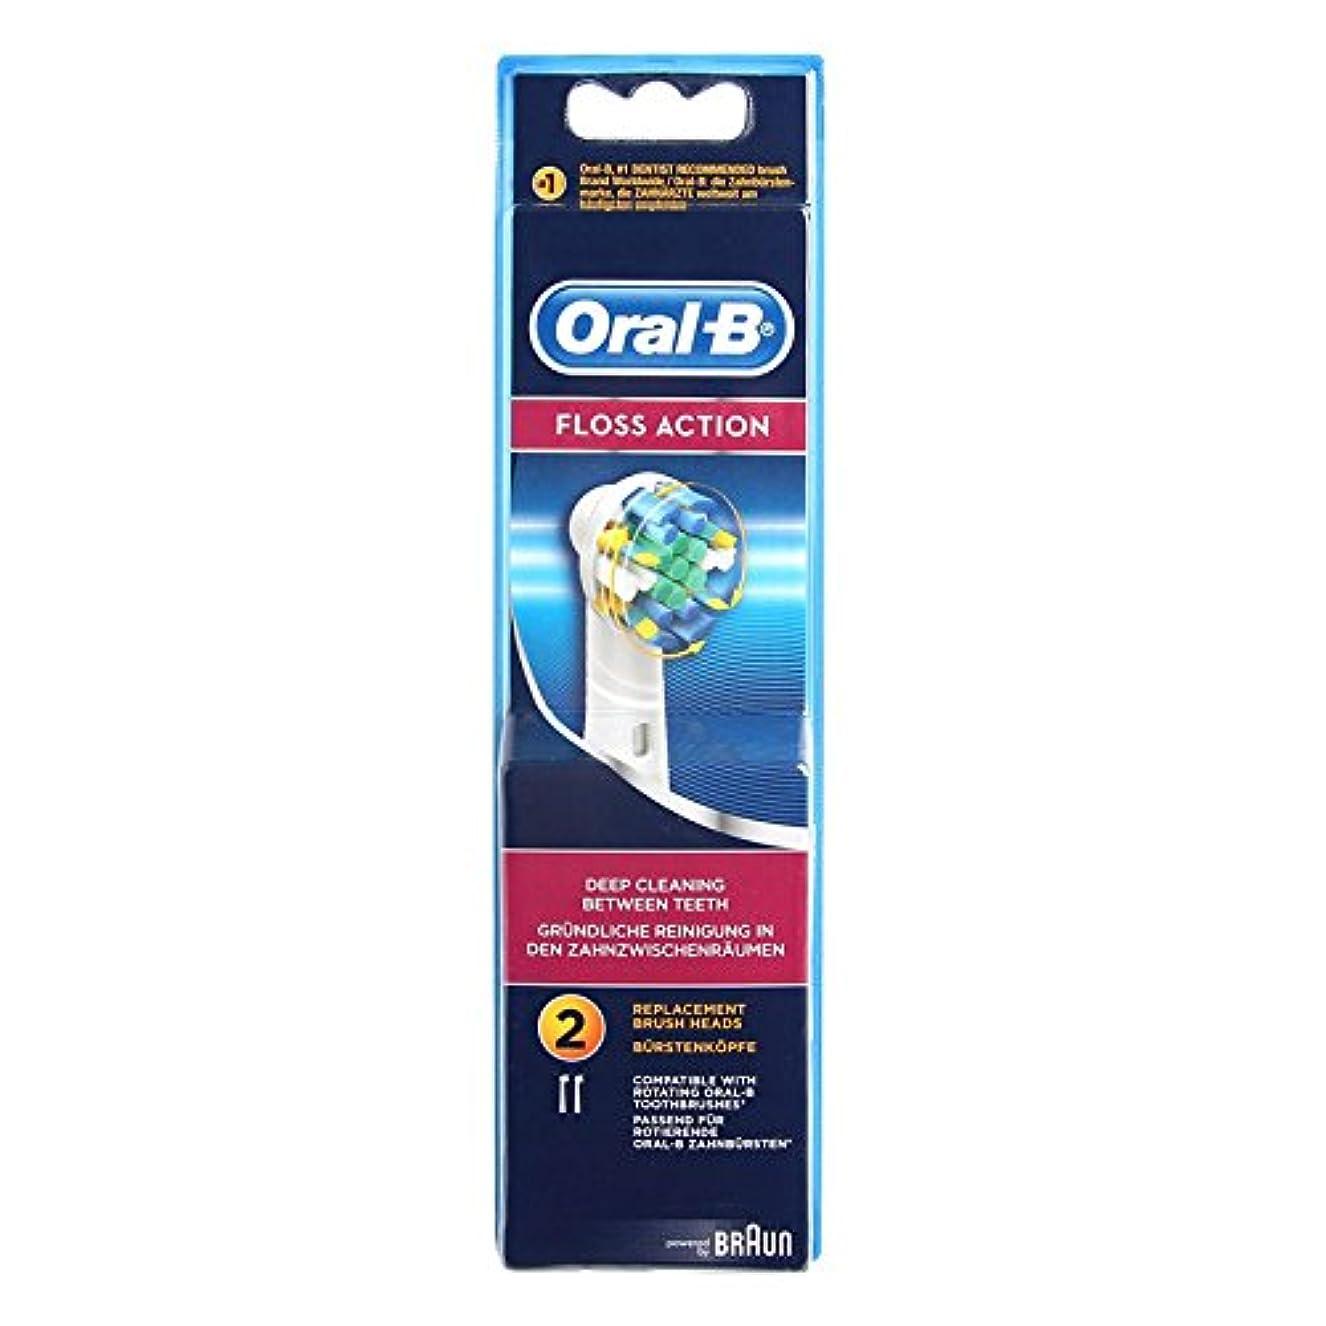 真っ逆さまアグネスグレイインチBraun Oral-B EB25-2 Floss Action 交換式充電式歯ブラシヘッド 1Pack [並行輸入品]